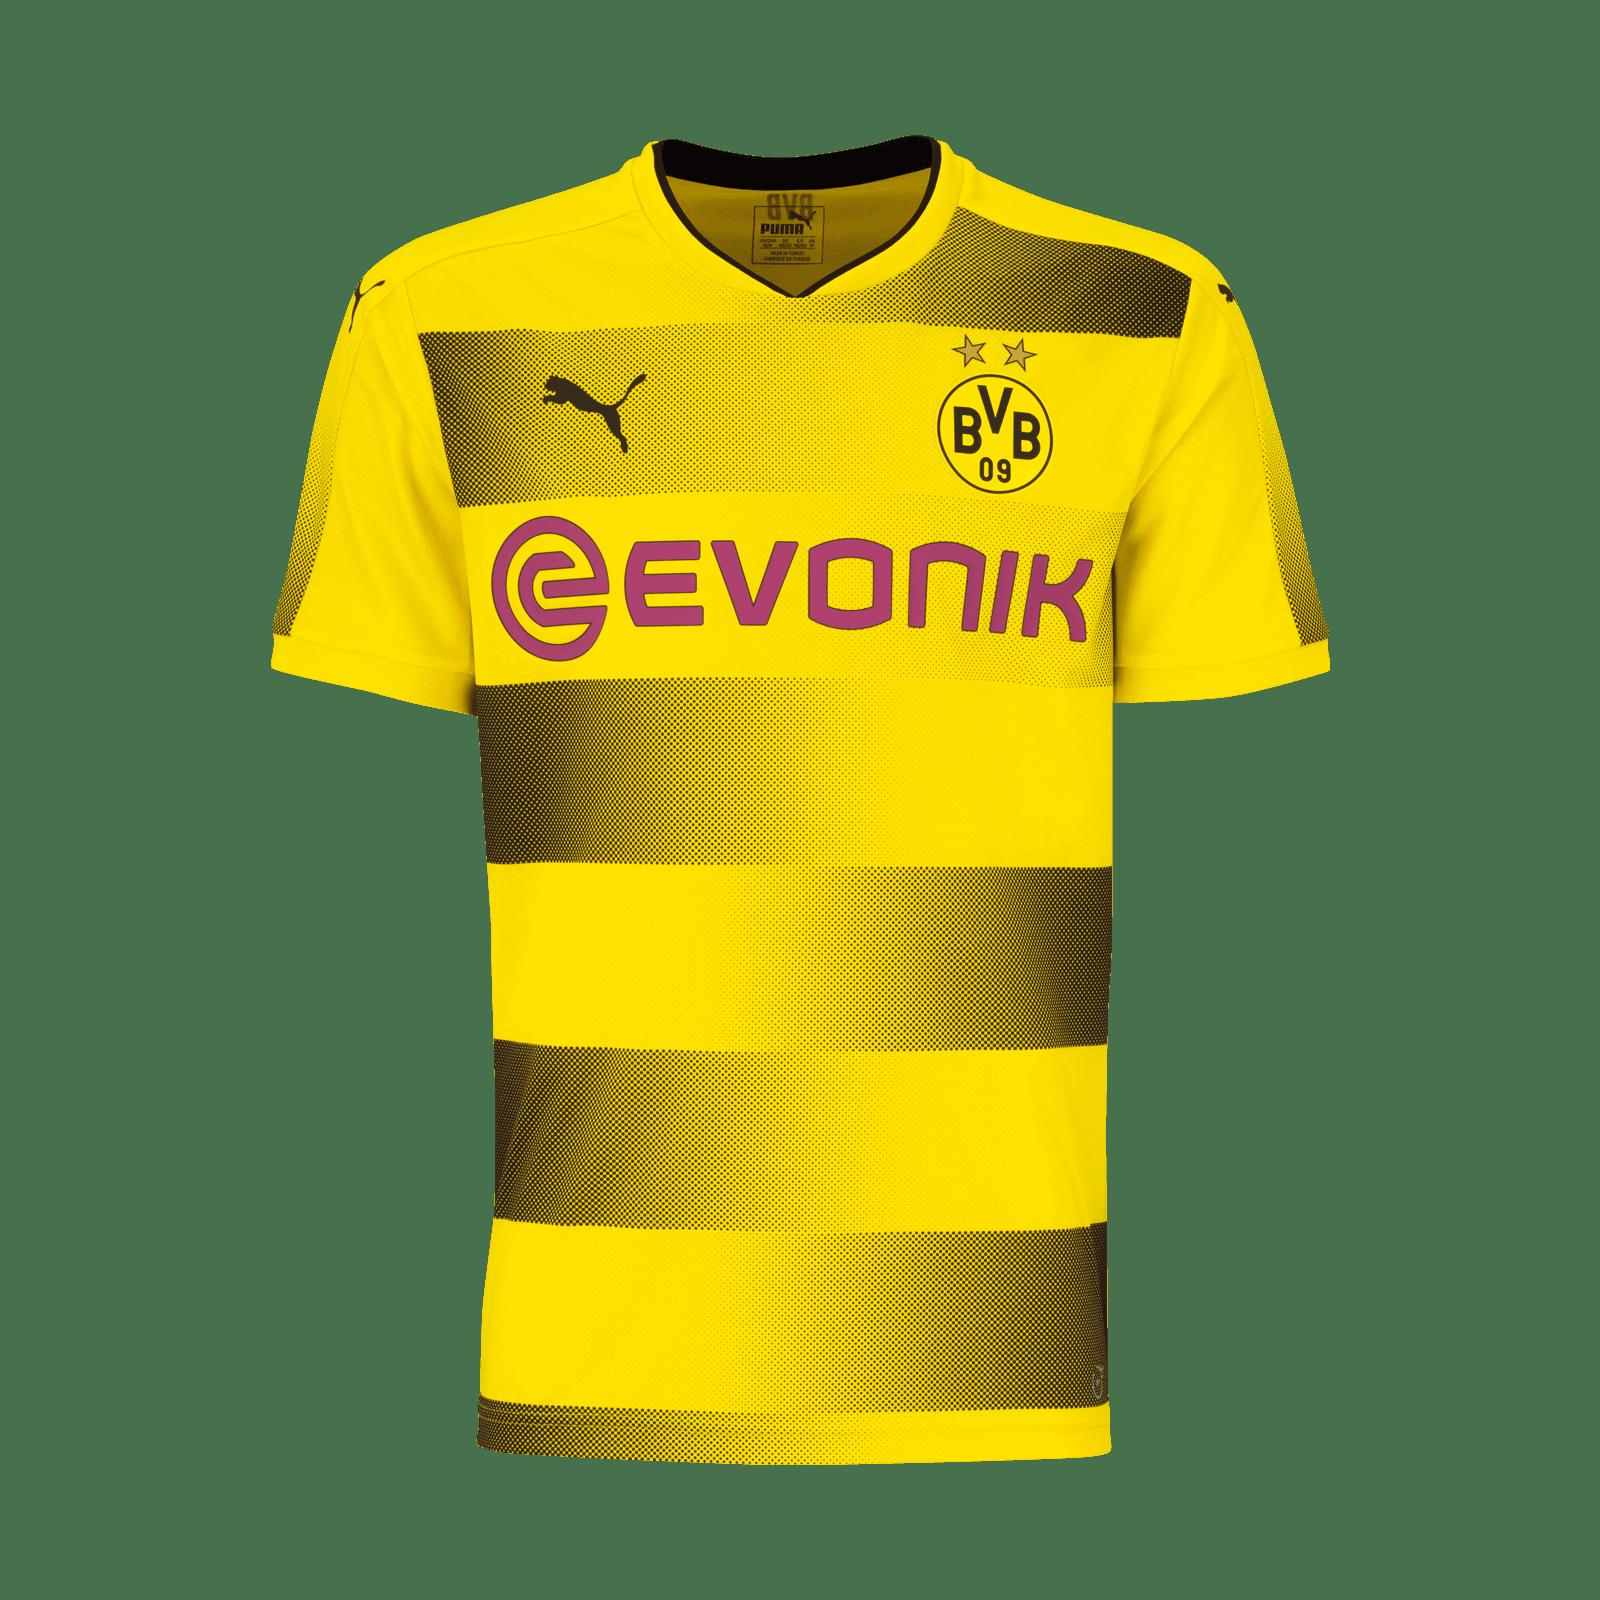 eceaa9a44f995 Saíram as novas camisa do Borussia Dortmund para temporada que vem ...